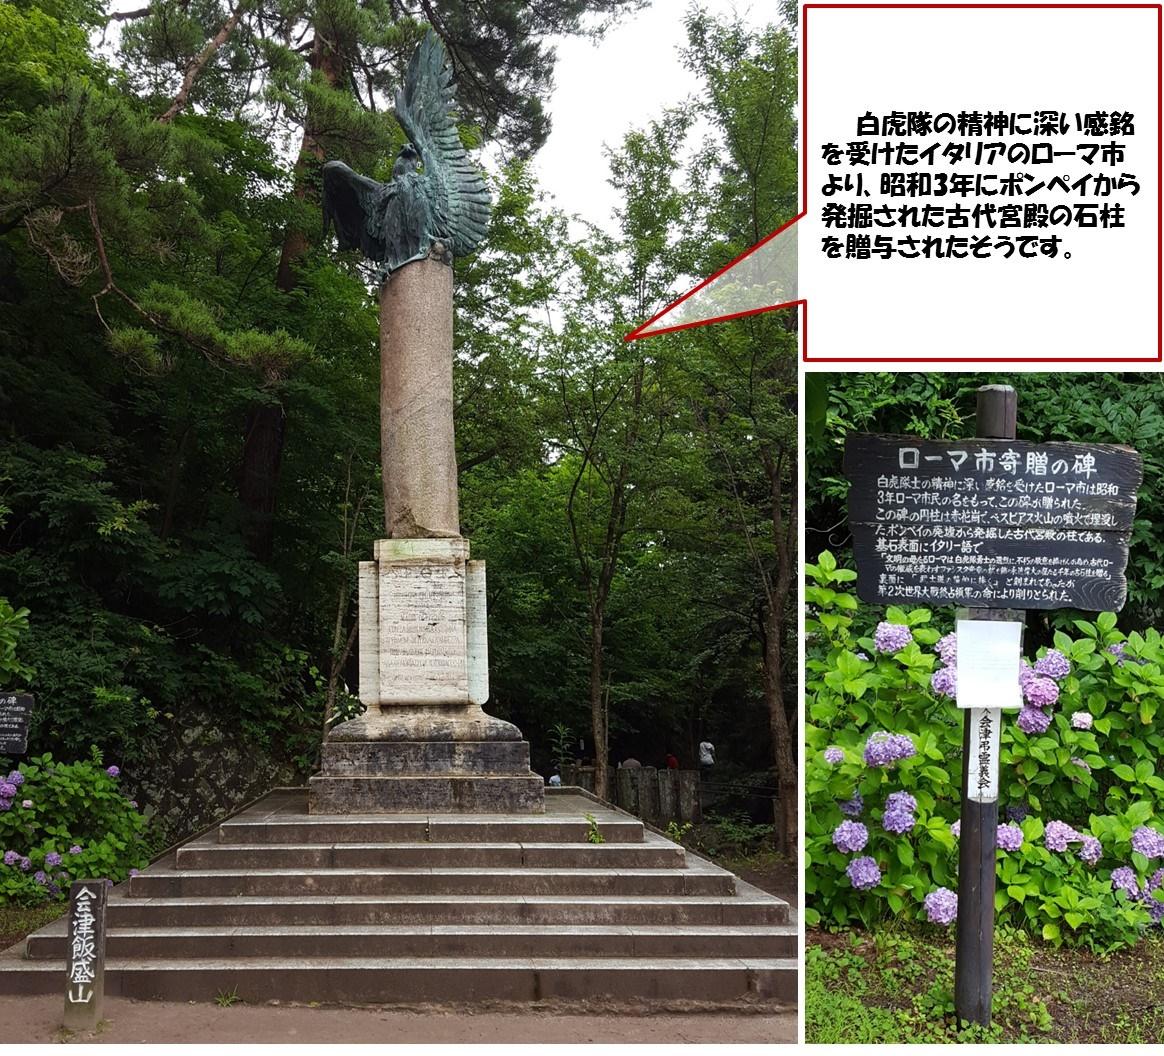 白虎隊の精神に深い感銘を受けたイタリアのローマ市より、昭和3年にポンペイから発掘された古代宮殿の石柱を贈与されたそうです。